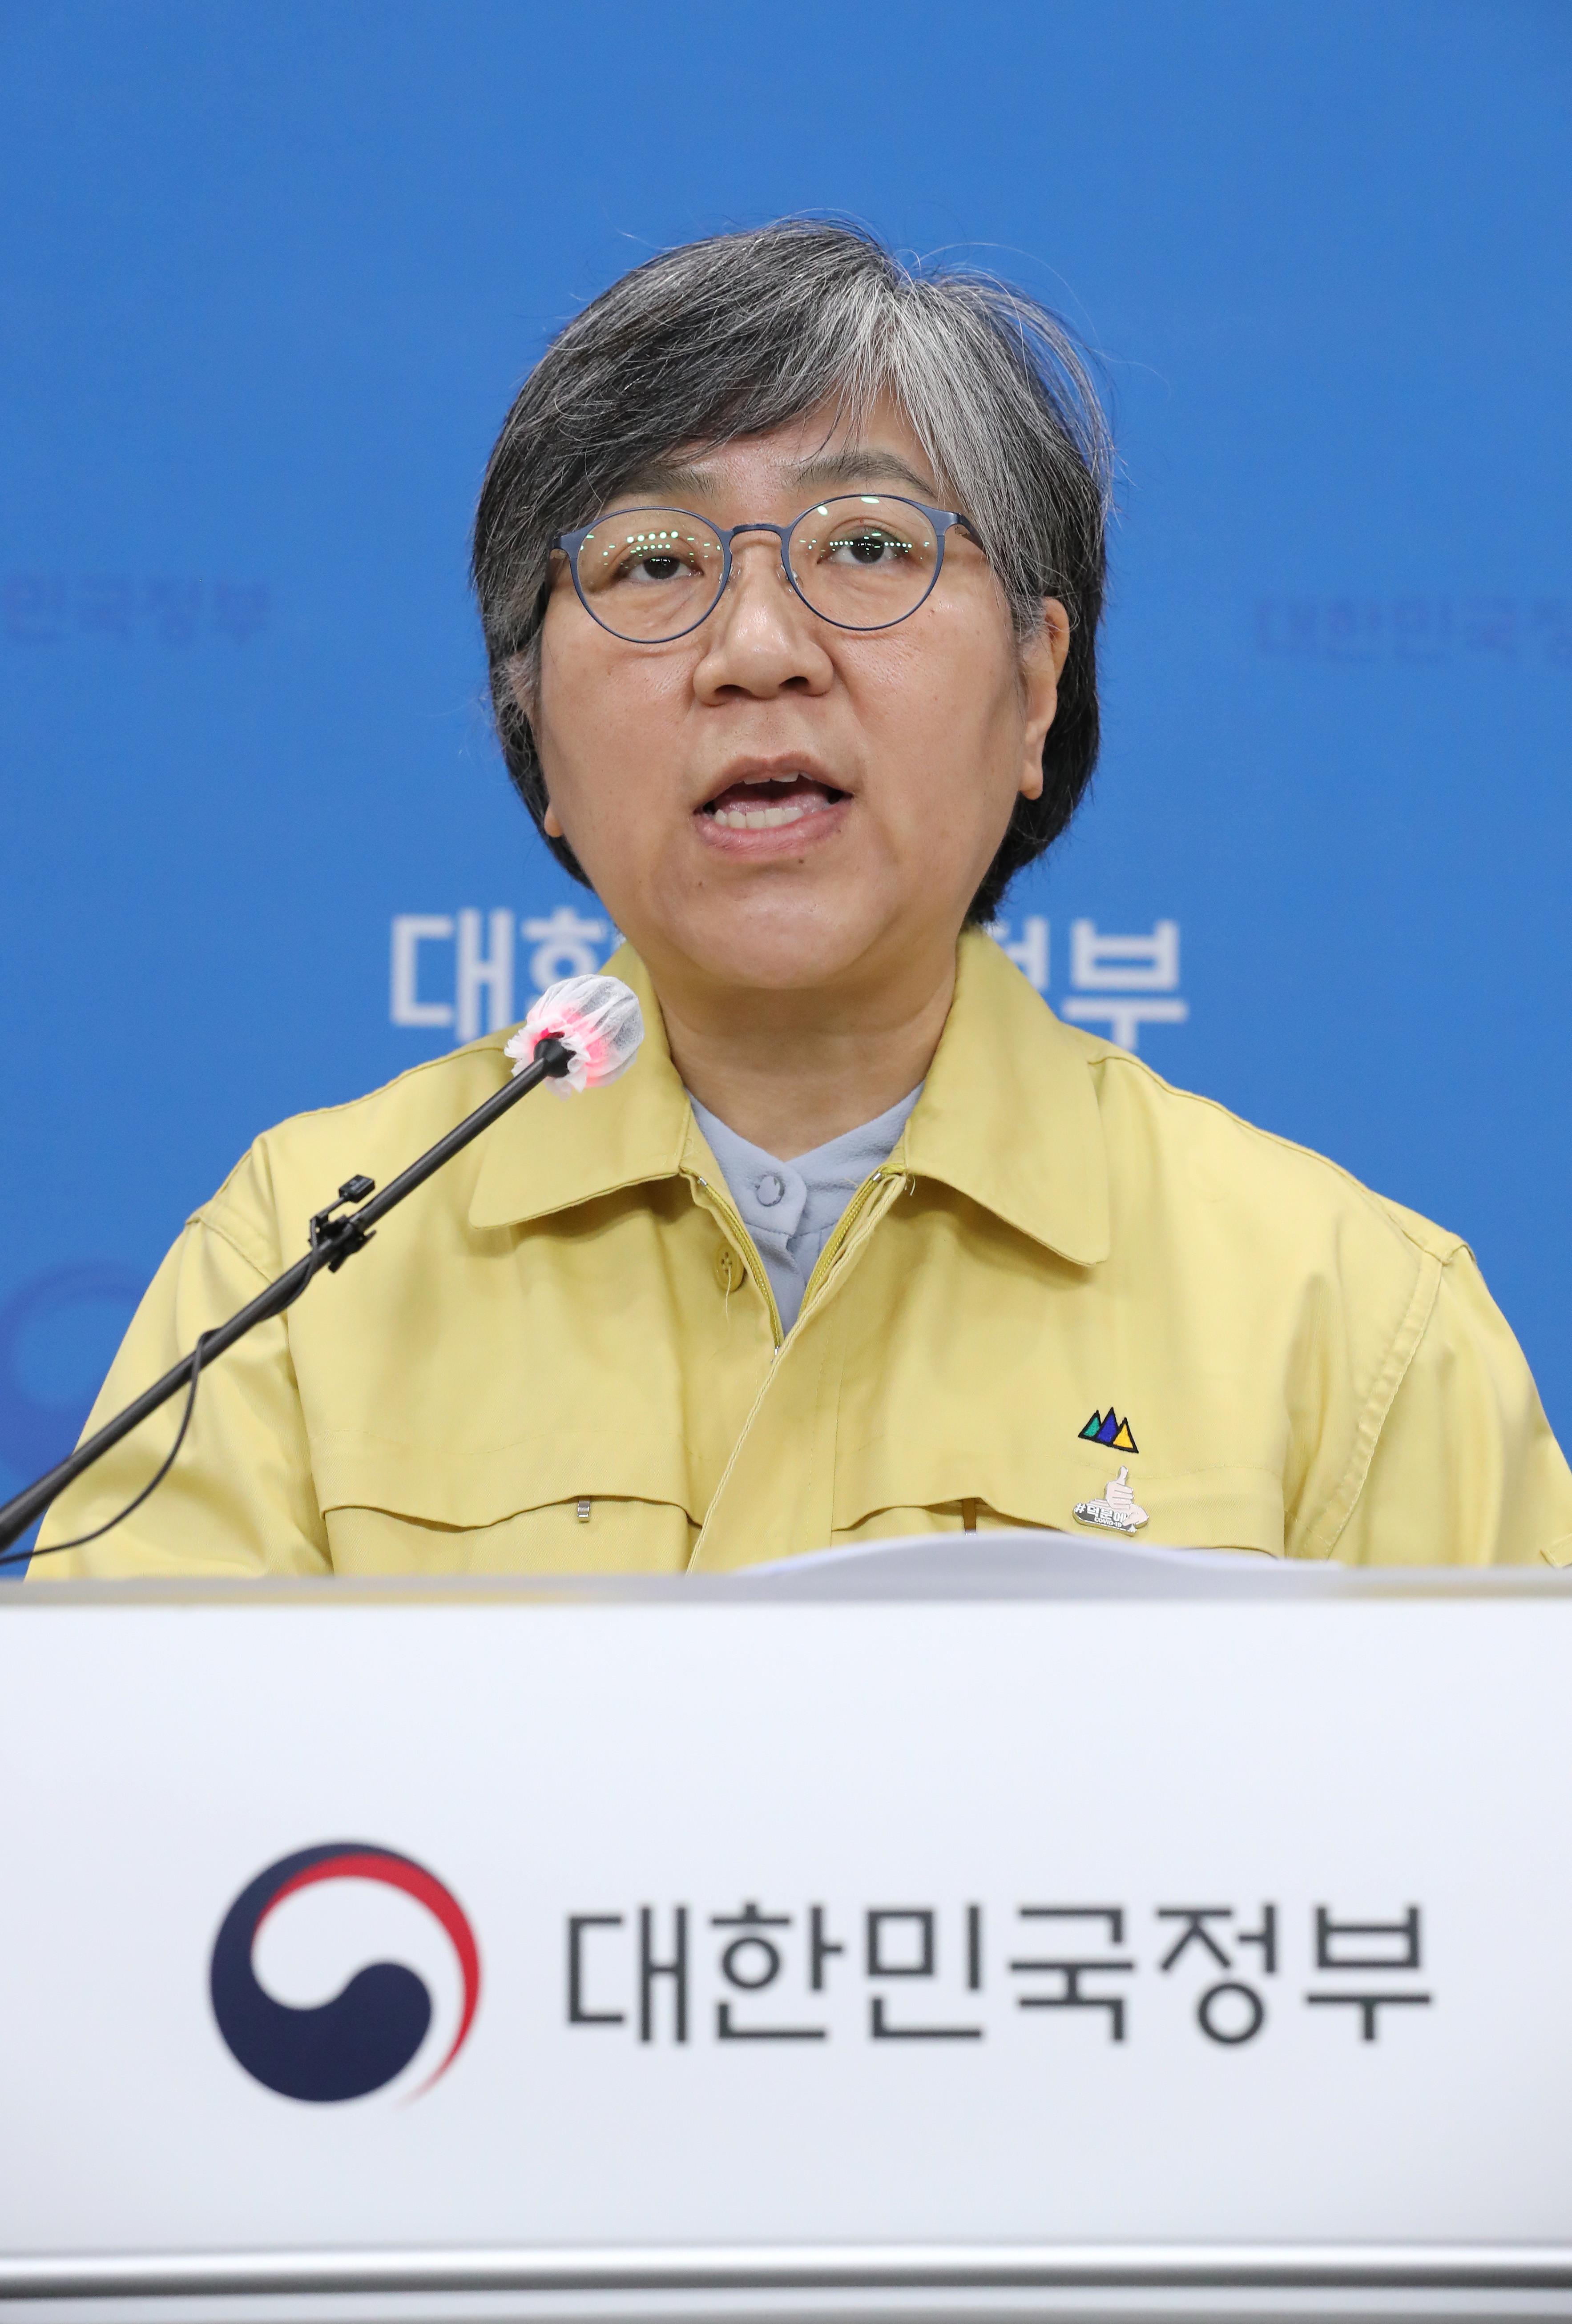 ▲▼南韓疾病管理廳長鄭銀敬表示,流感疫苗施打目前仍會持續。(圖/達志影像)